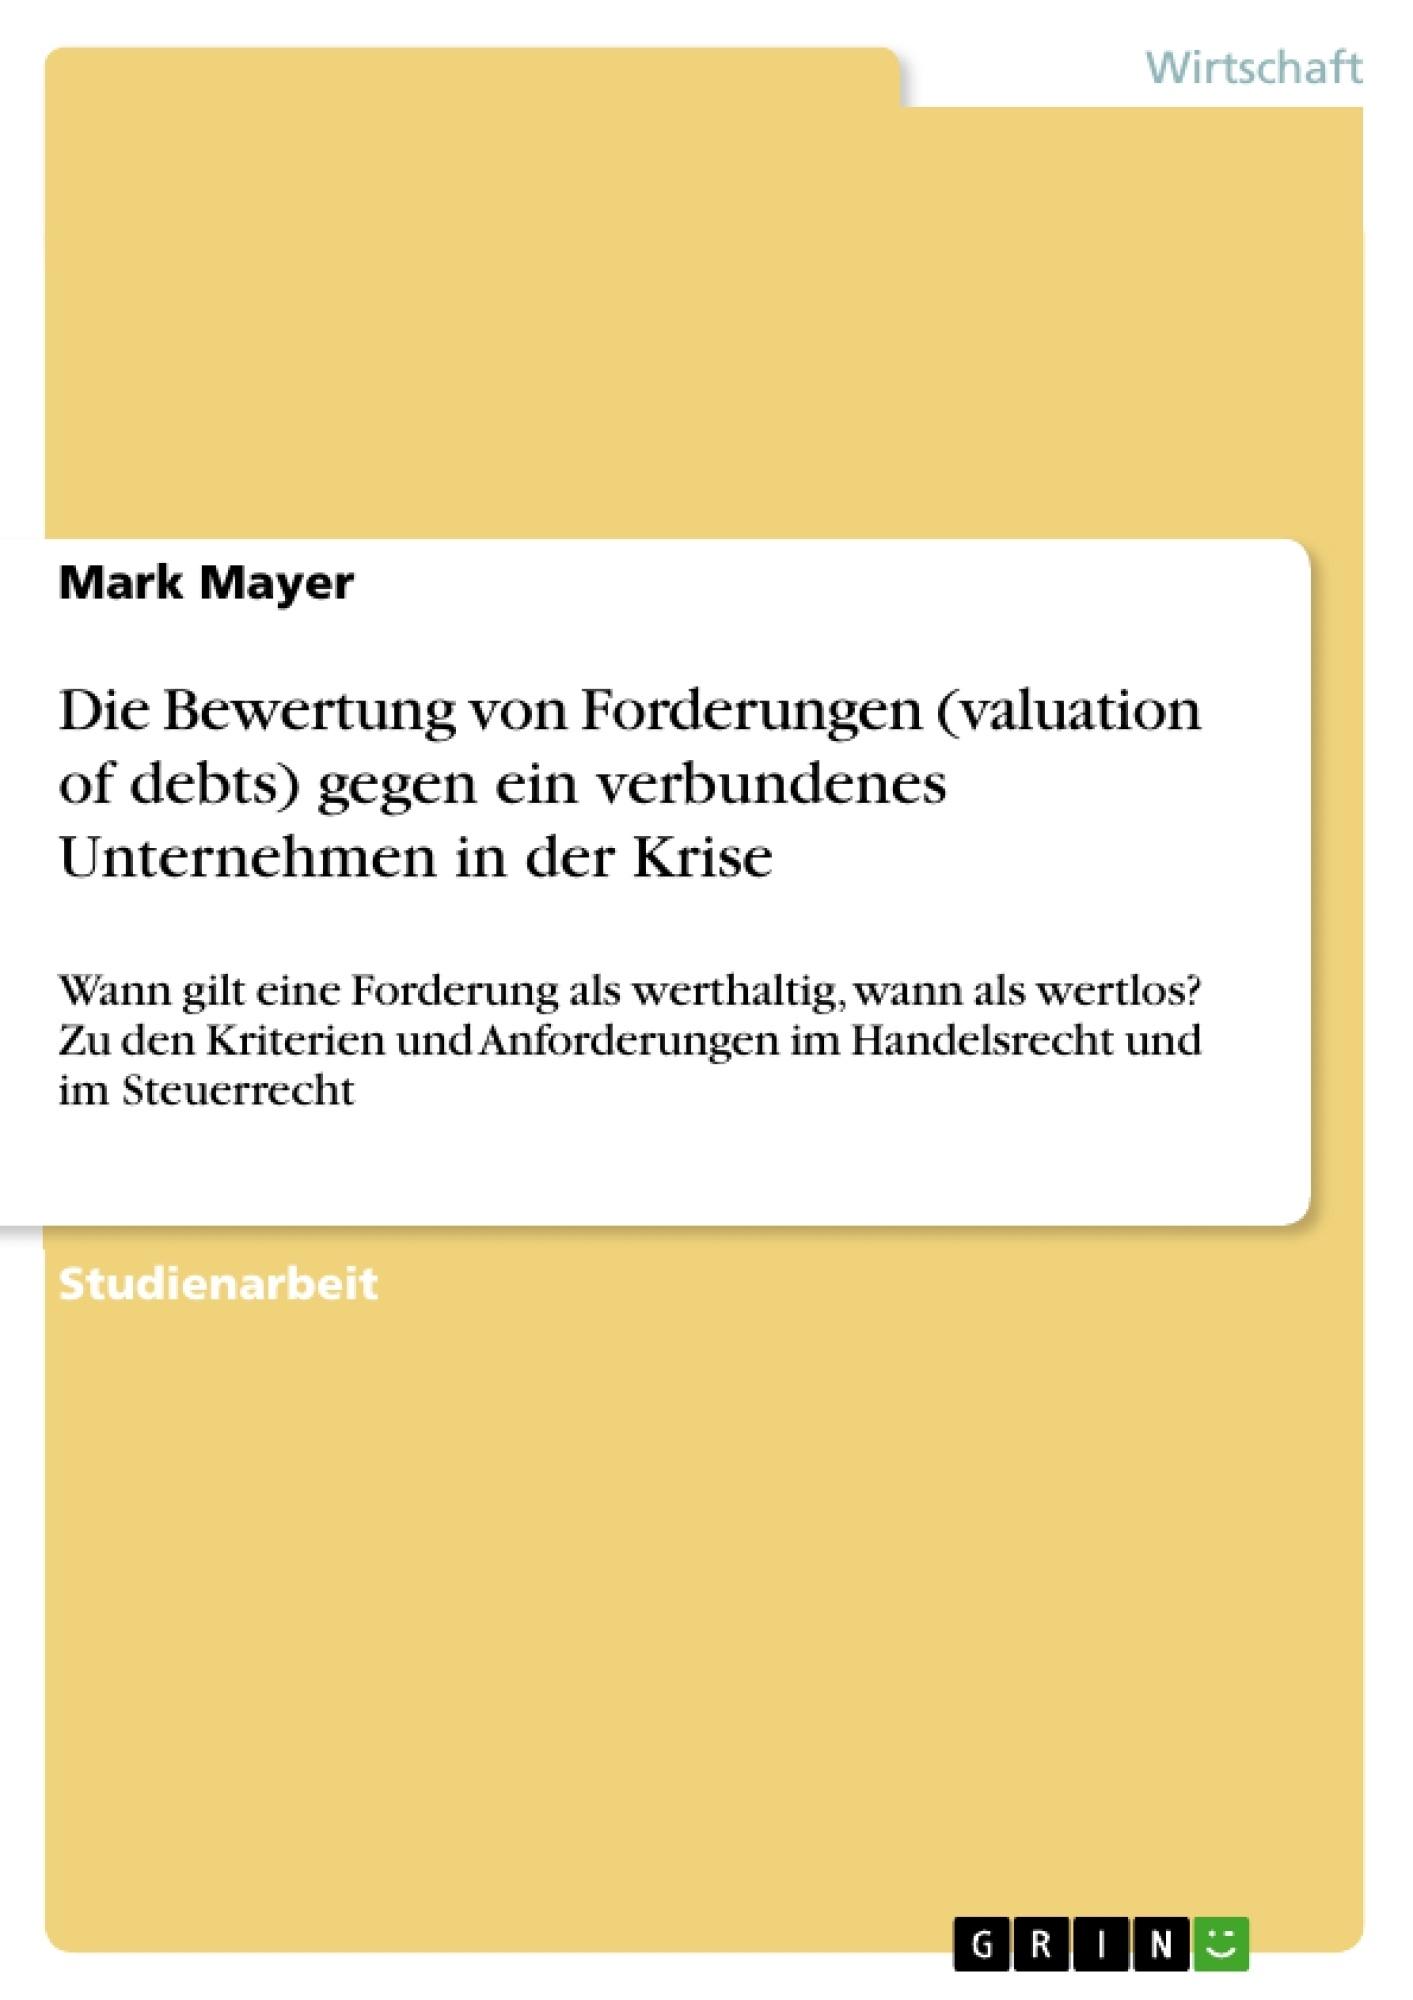 Titel: Die Bewertung von Forderungen (valuation of debts) gegen ein verbundenes Unternehmen in der Krise